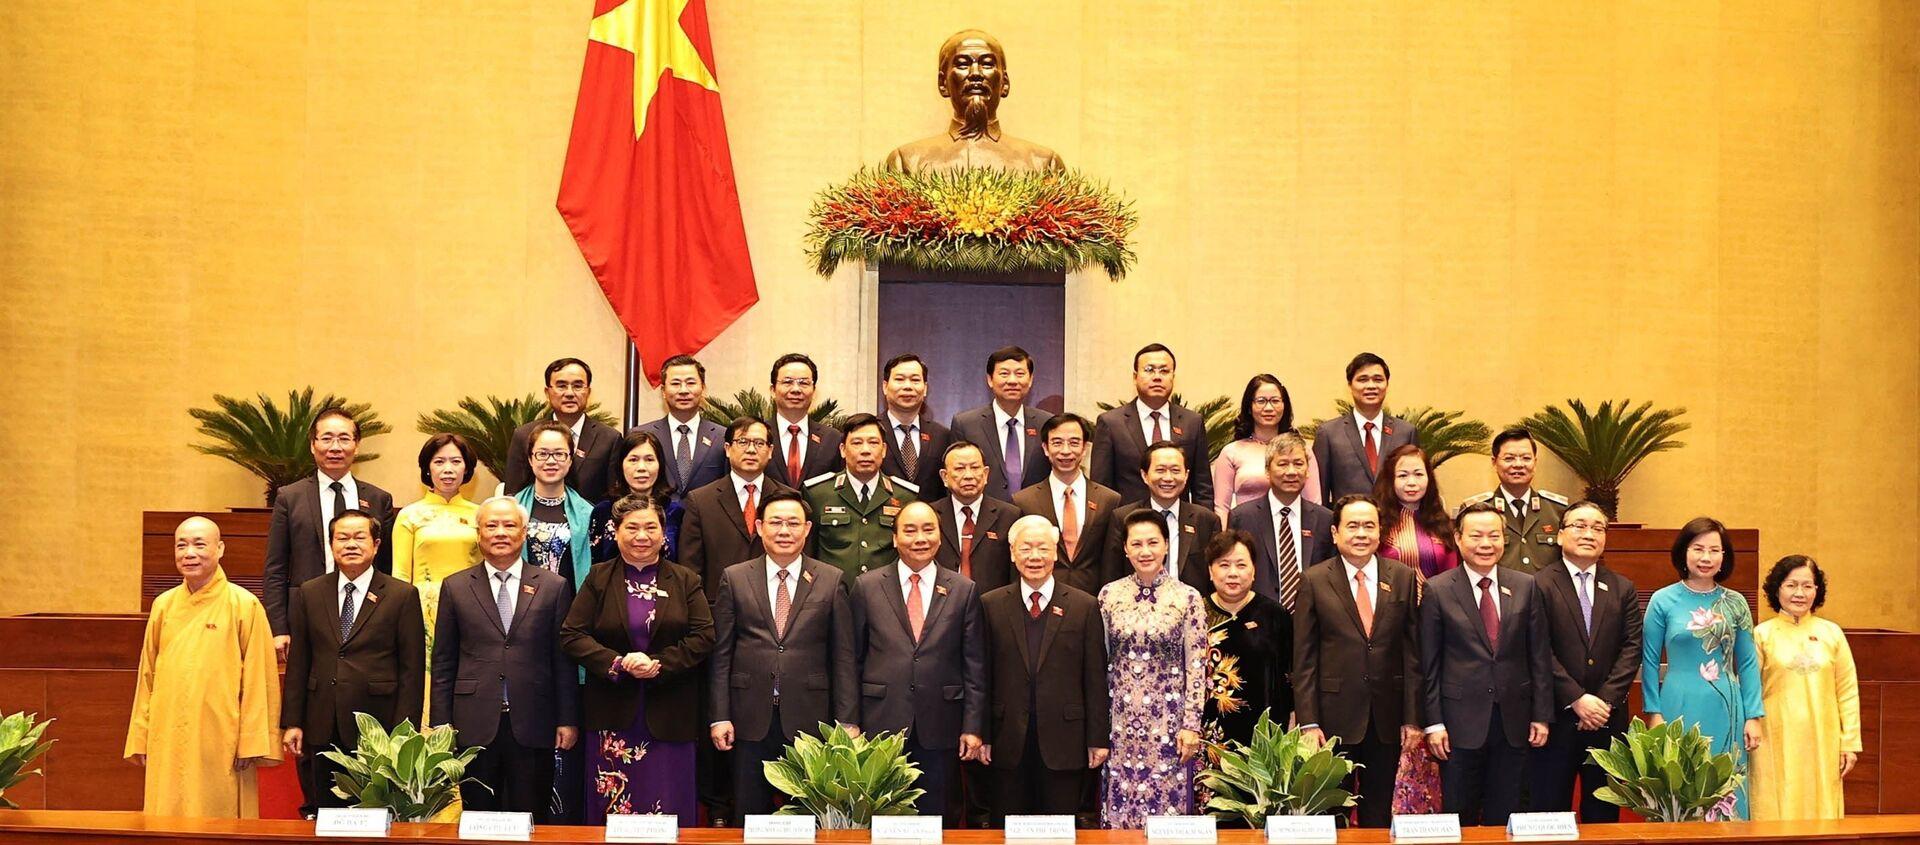 Các đồng chí lãnh đạo Đảng, Nhà nước, Quốc hội với các Đại biểu Quốc hội Thành phố Hà Nội. - Sputnik Việt Nam, 1920, 24.03.2021